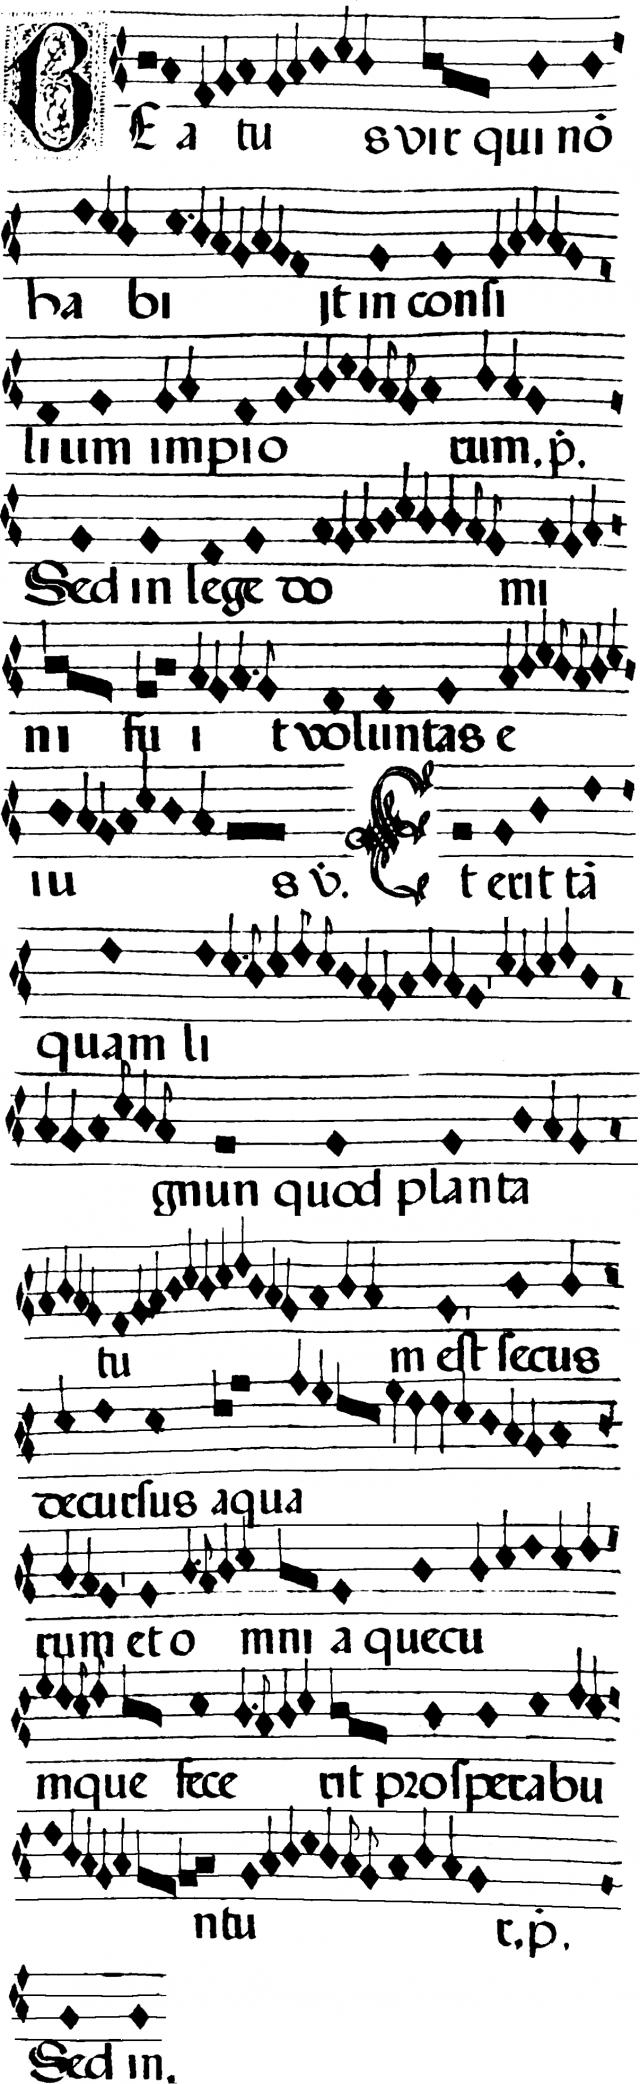 Psallendum Beatus vir de la messe d'un martyr pontife